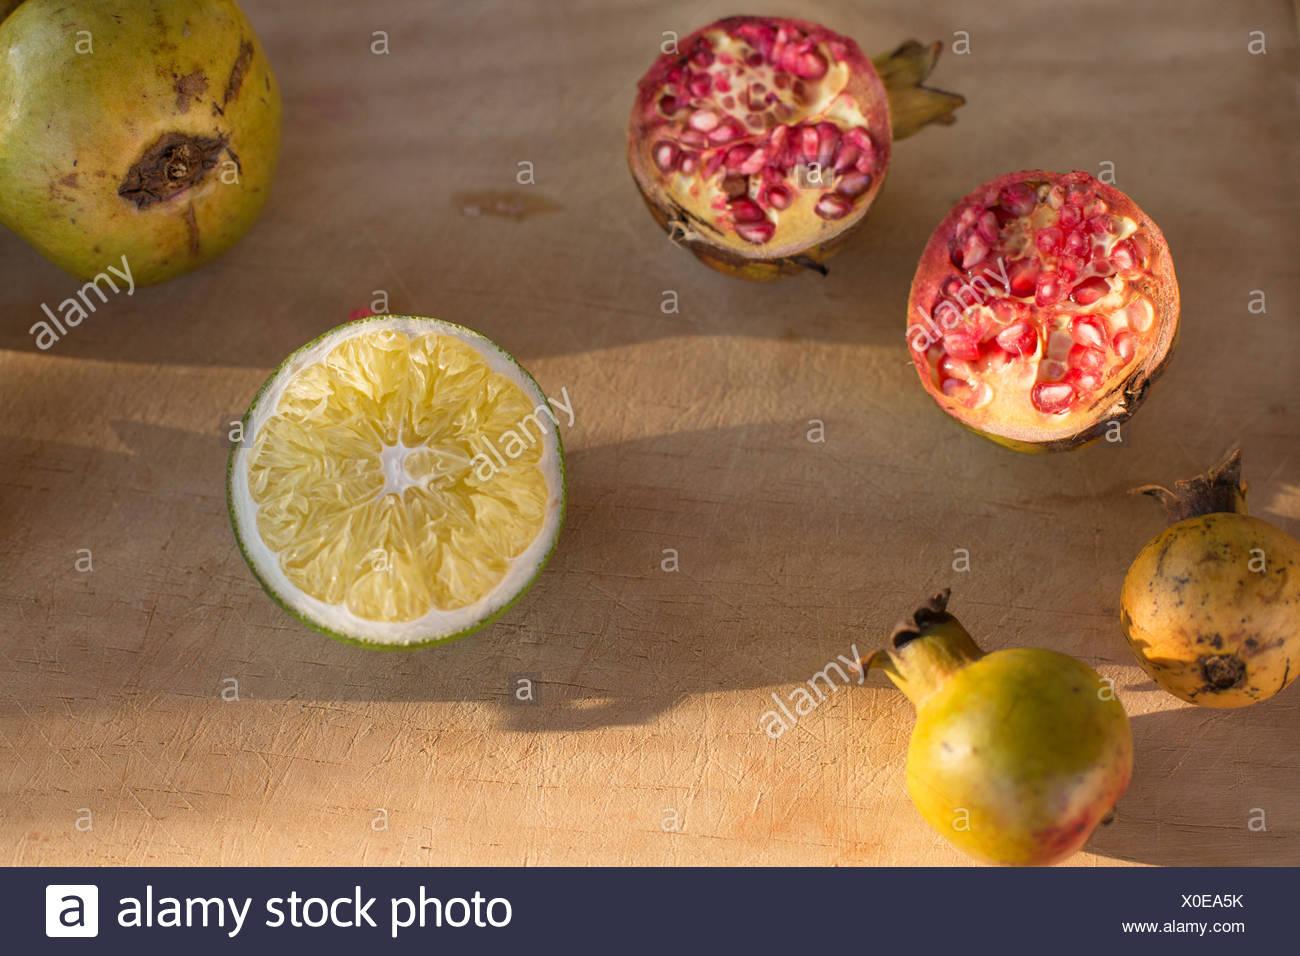 Tagliare i melograni nel tardo pomeriggio di sole con limone pallido contro uno sfondo di legno Immagini Stock